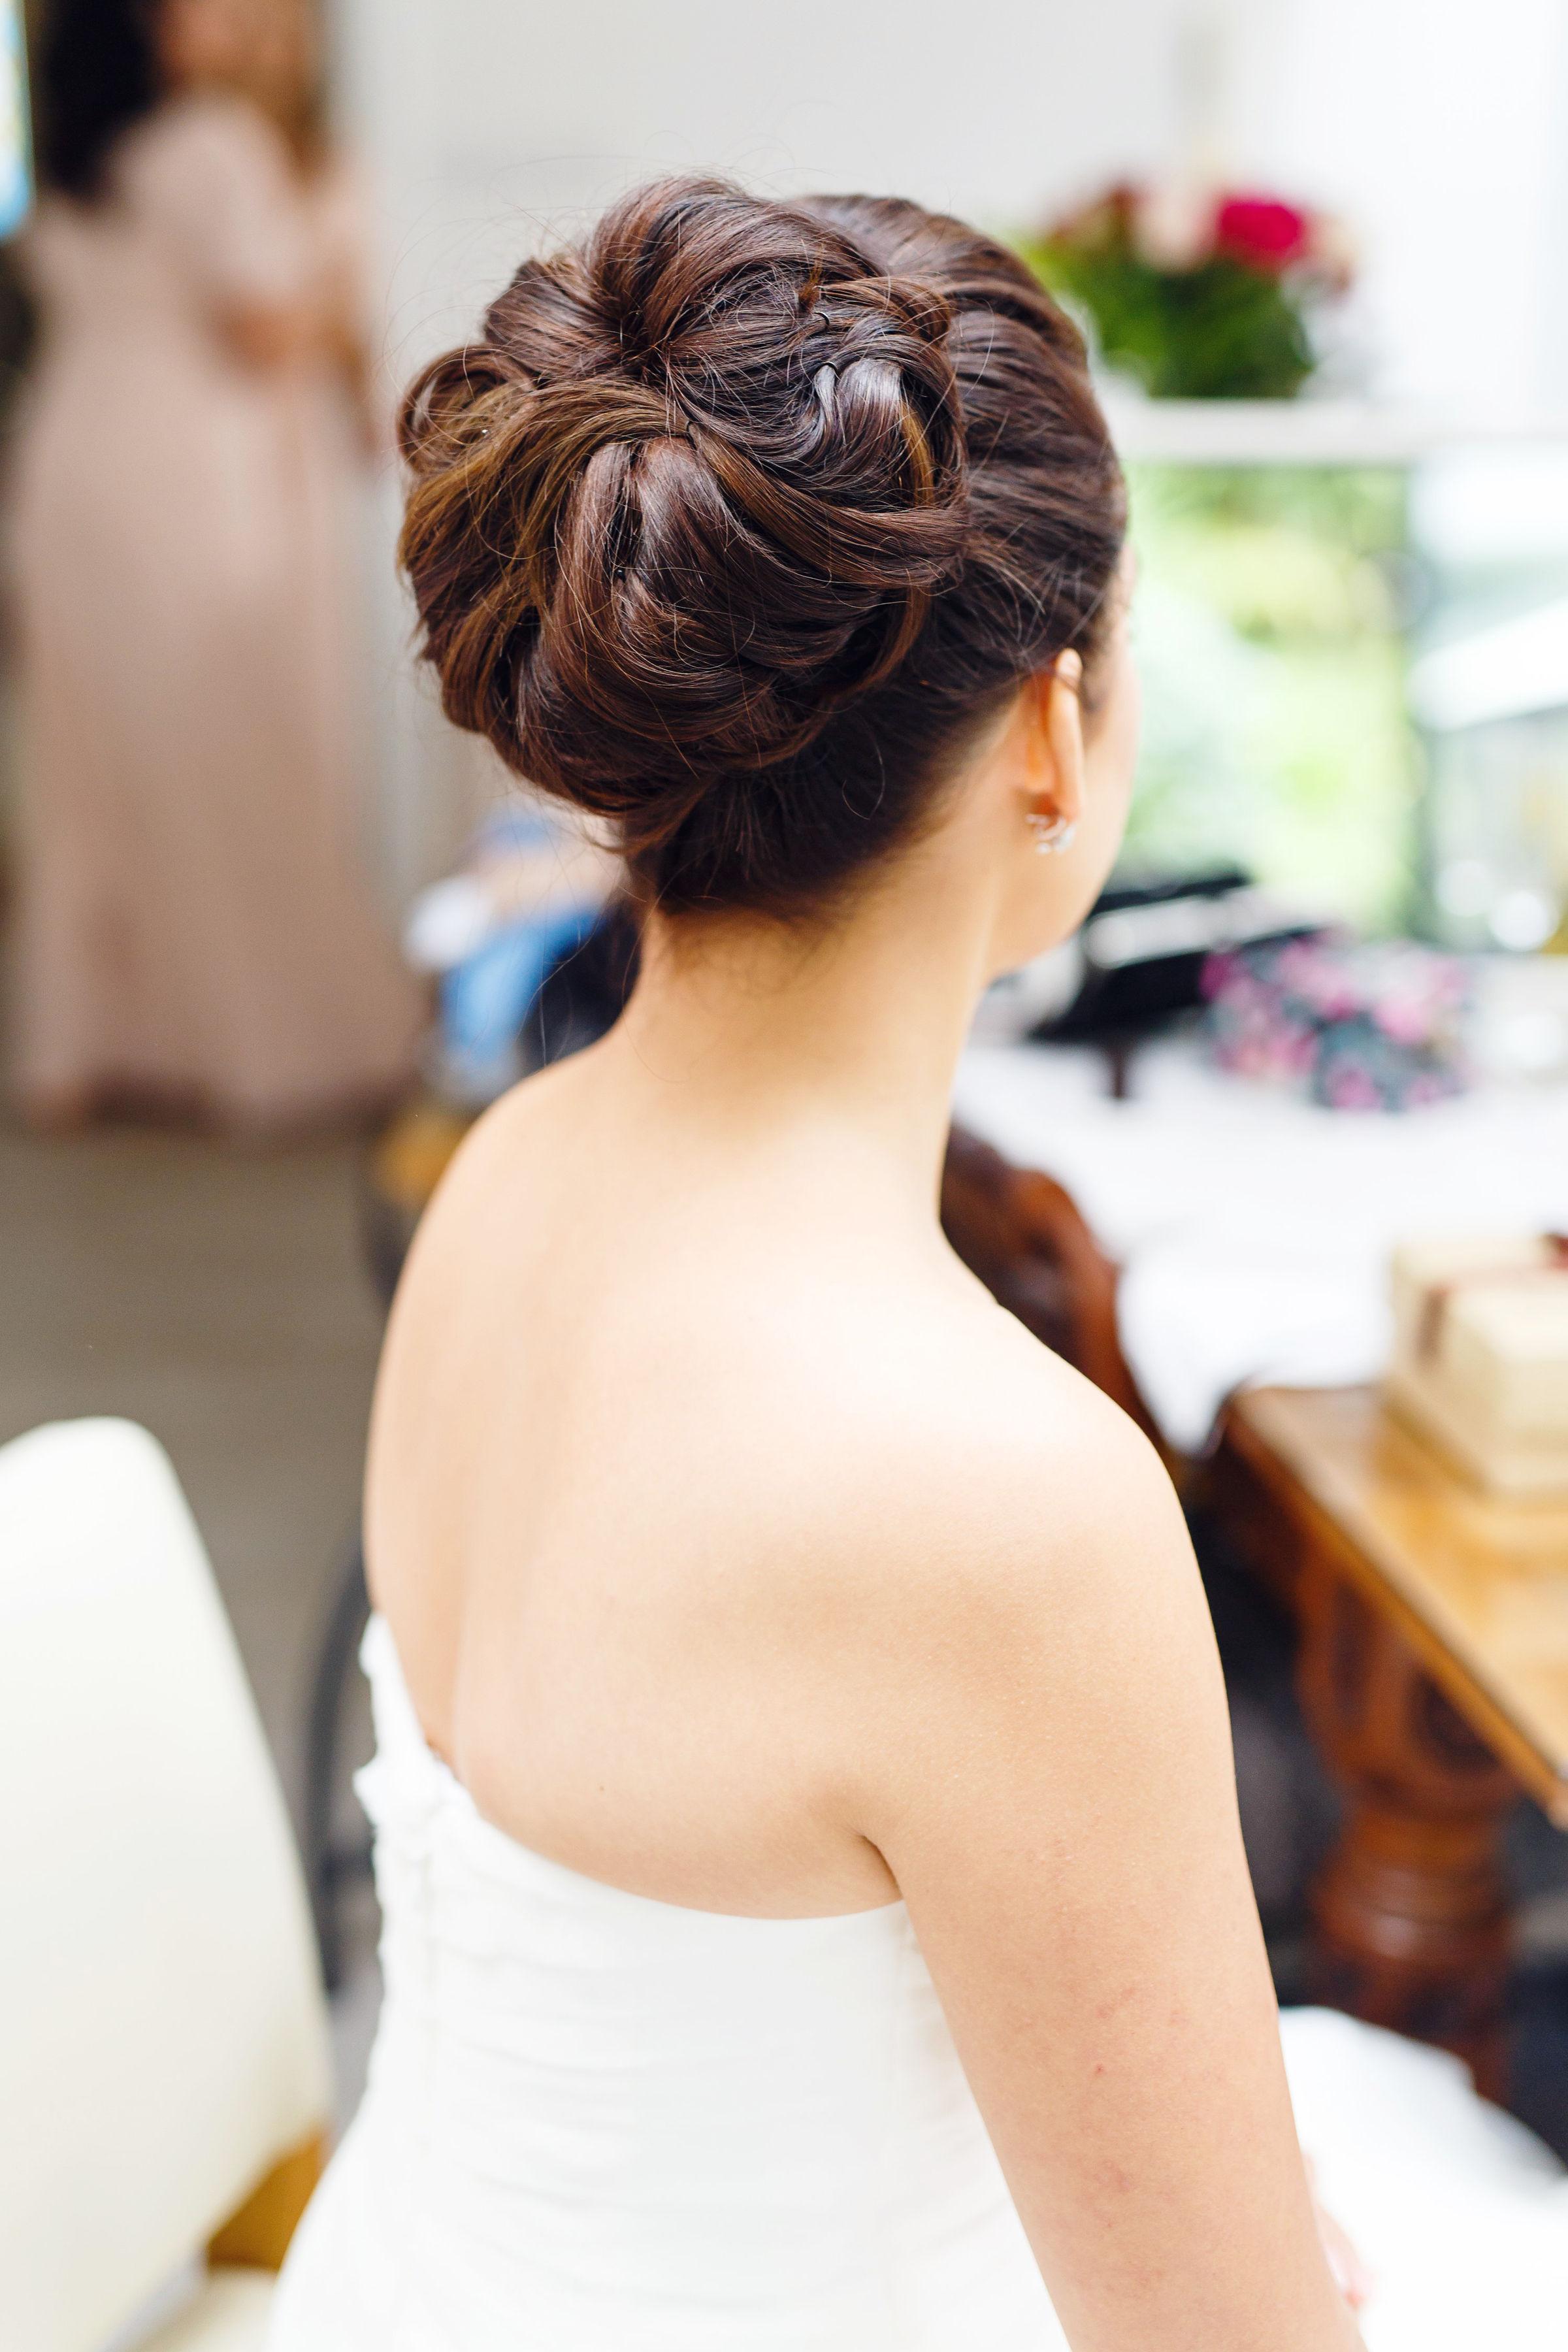 Hair by Ash